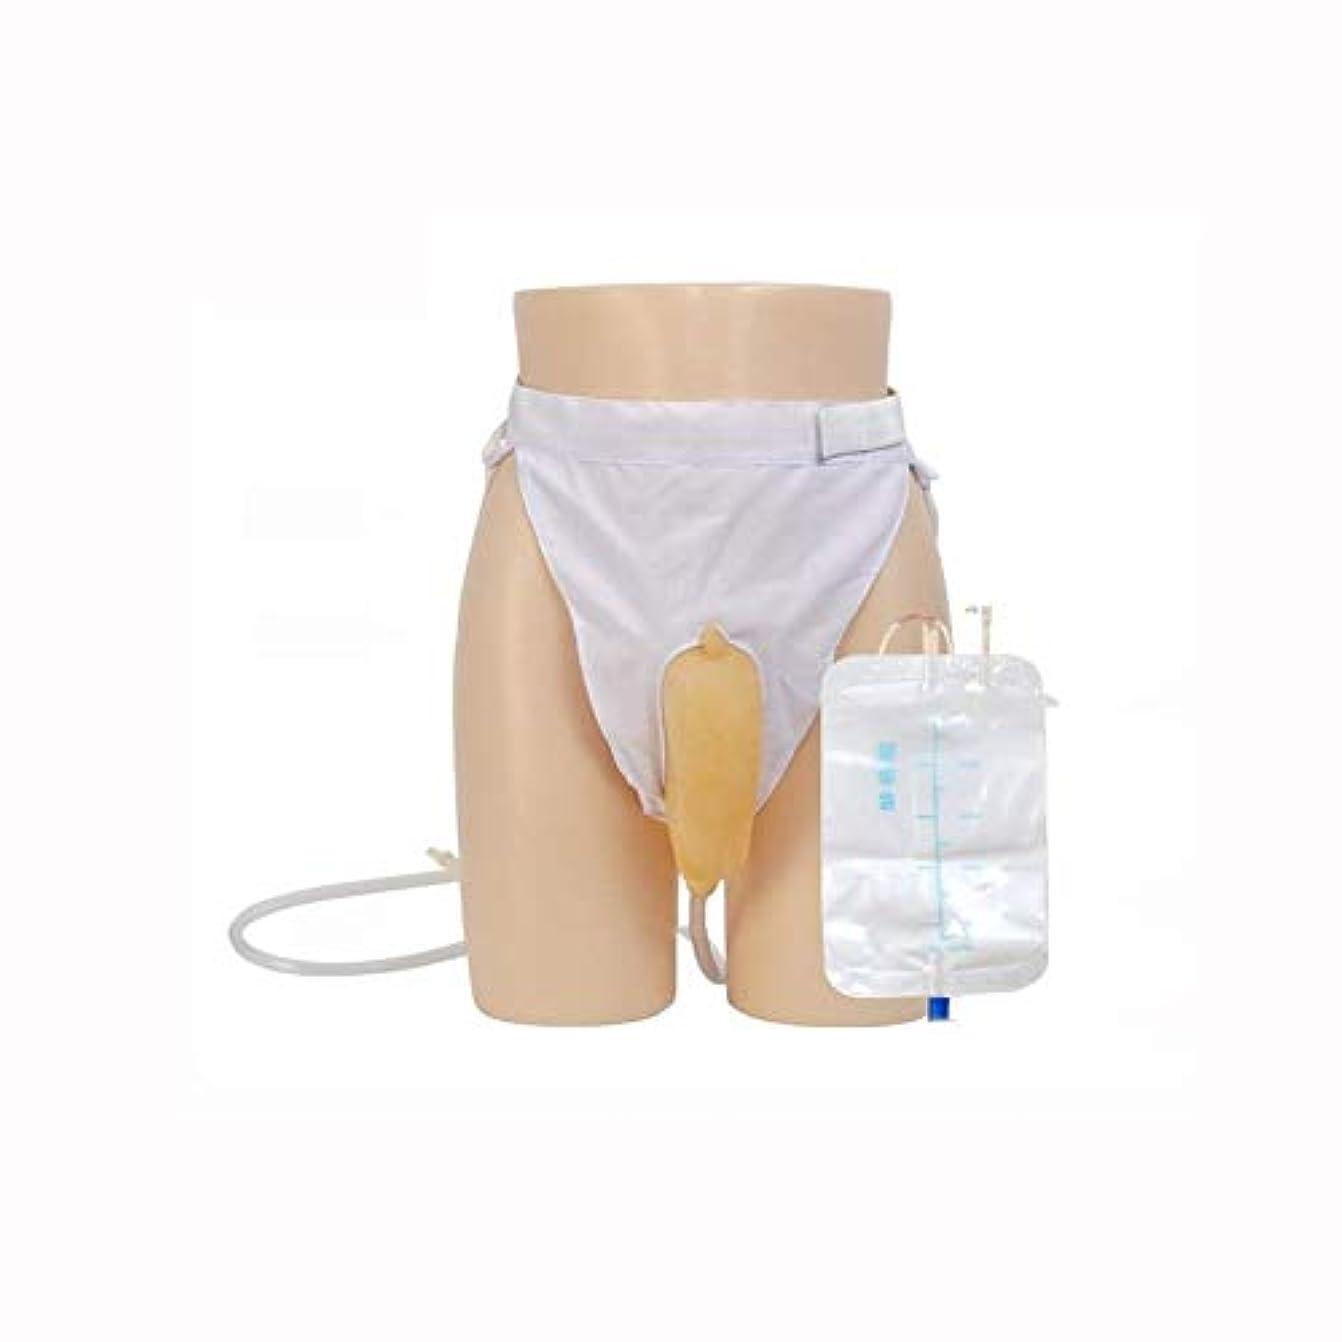 再利用可能な男性の尿バッグ排尿器おしっこホルダーこぼれ防止ポータブル尿コレクターバッグ用尿失禁